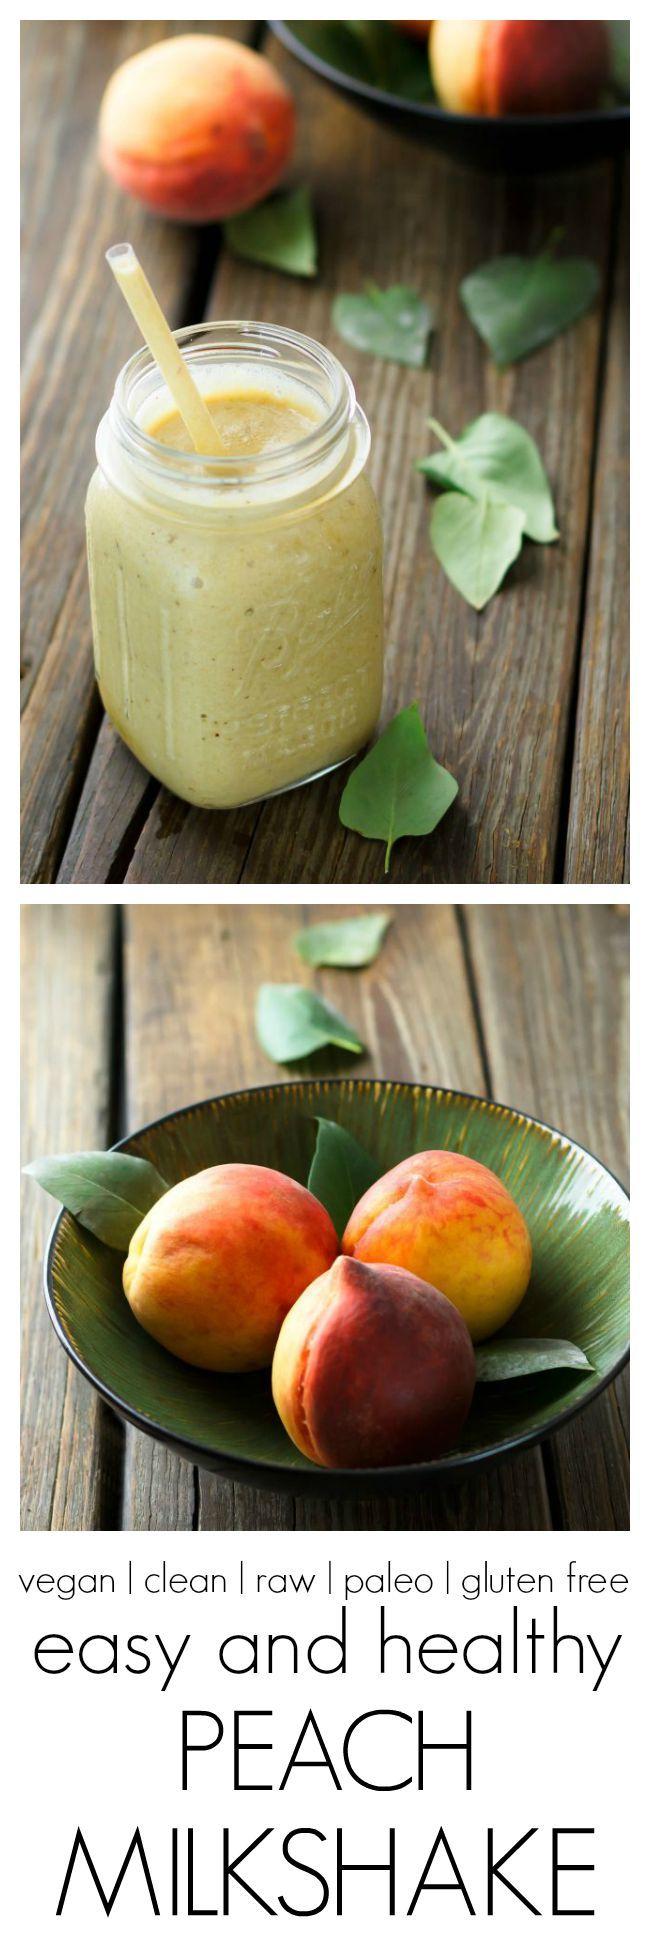 Easy All-Fruit Peach Milkshake | tastes like an ice cream shake, but it's made from frozen fruit! |